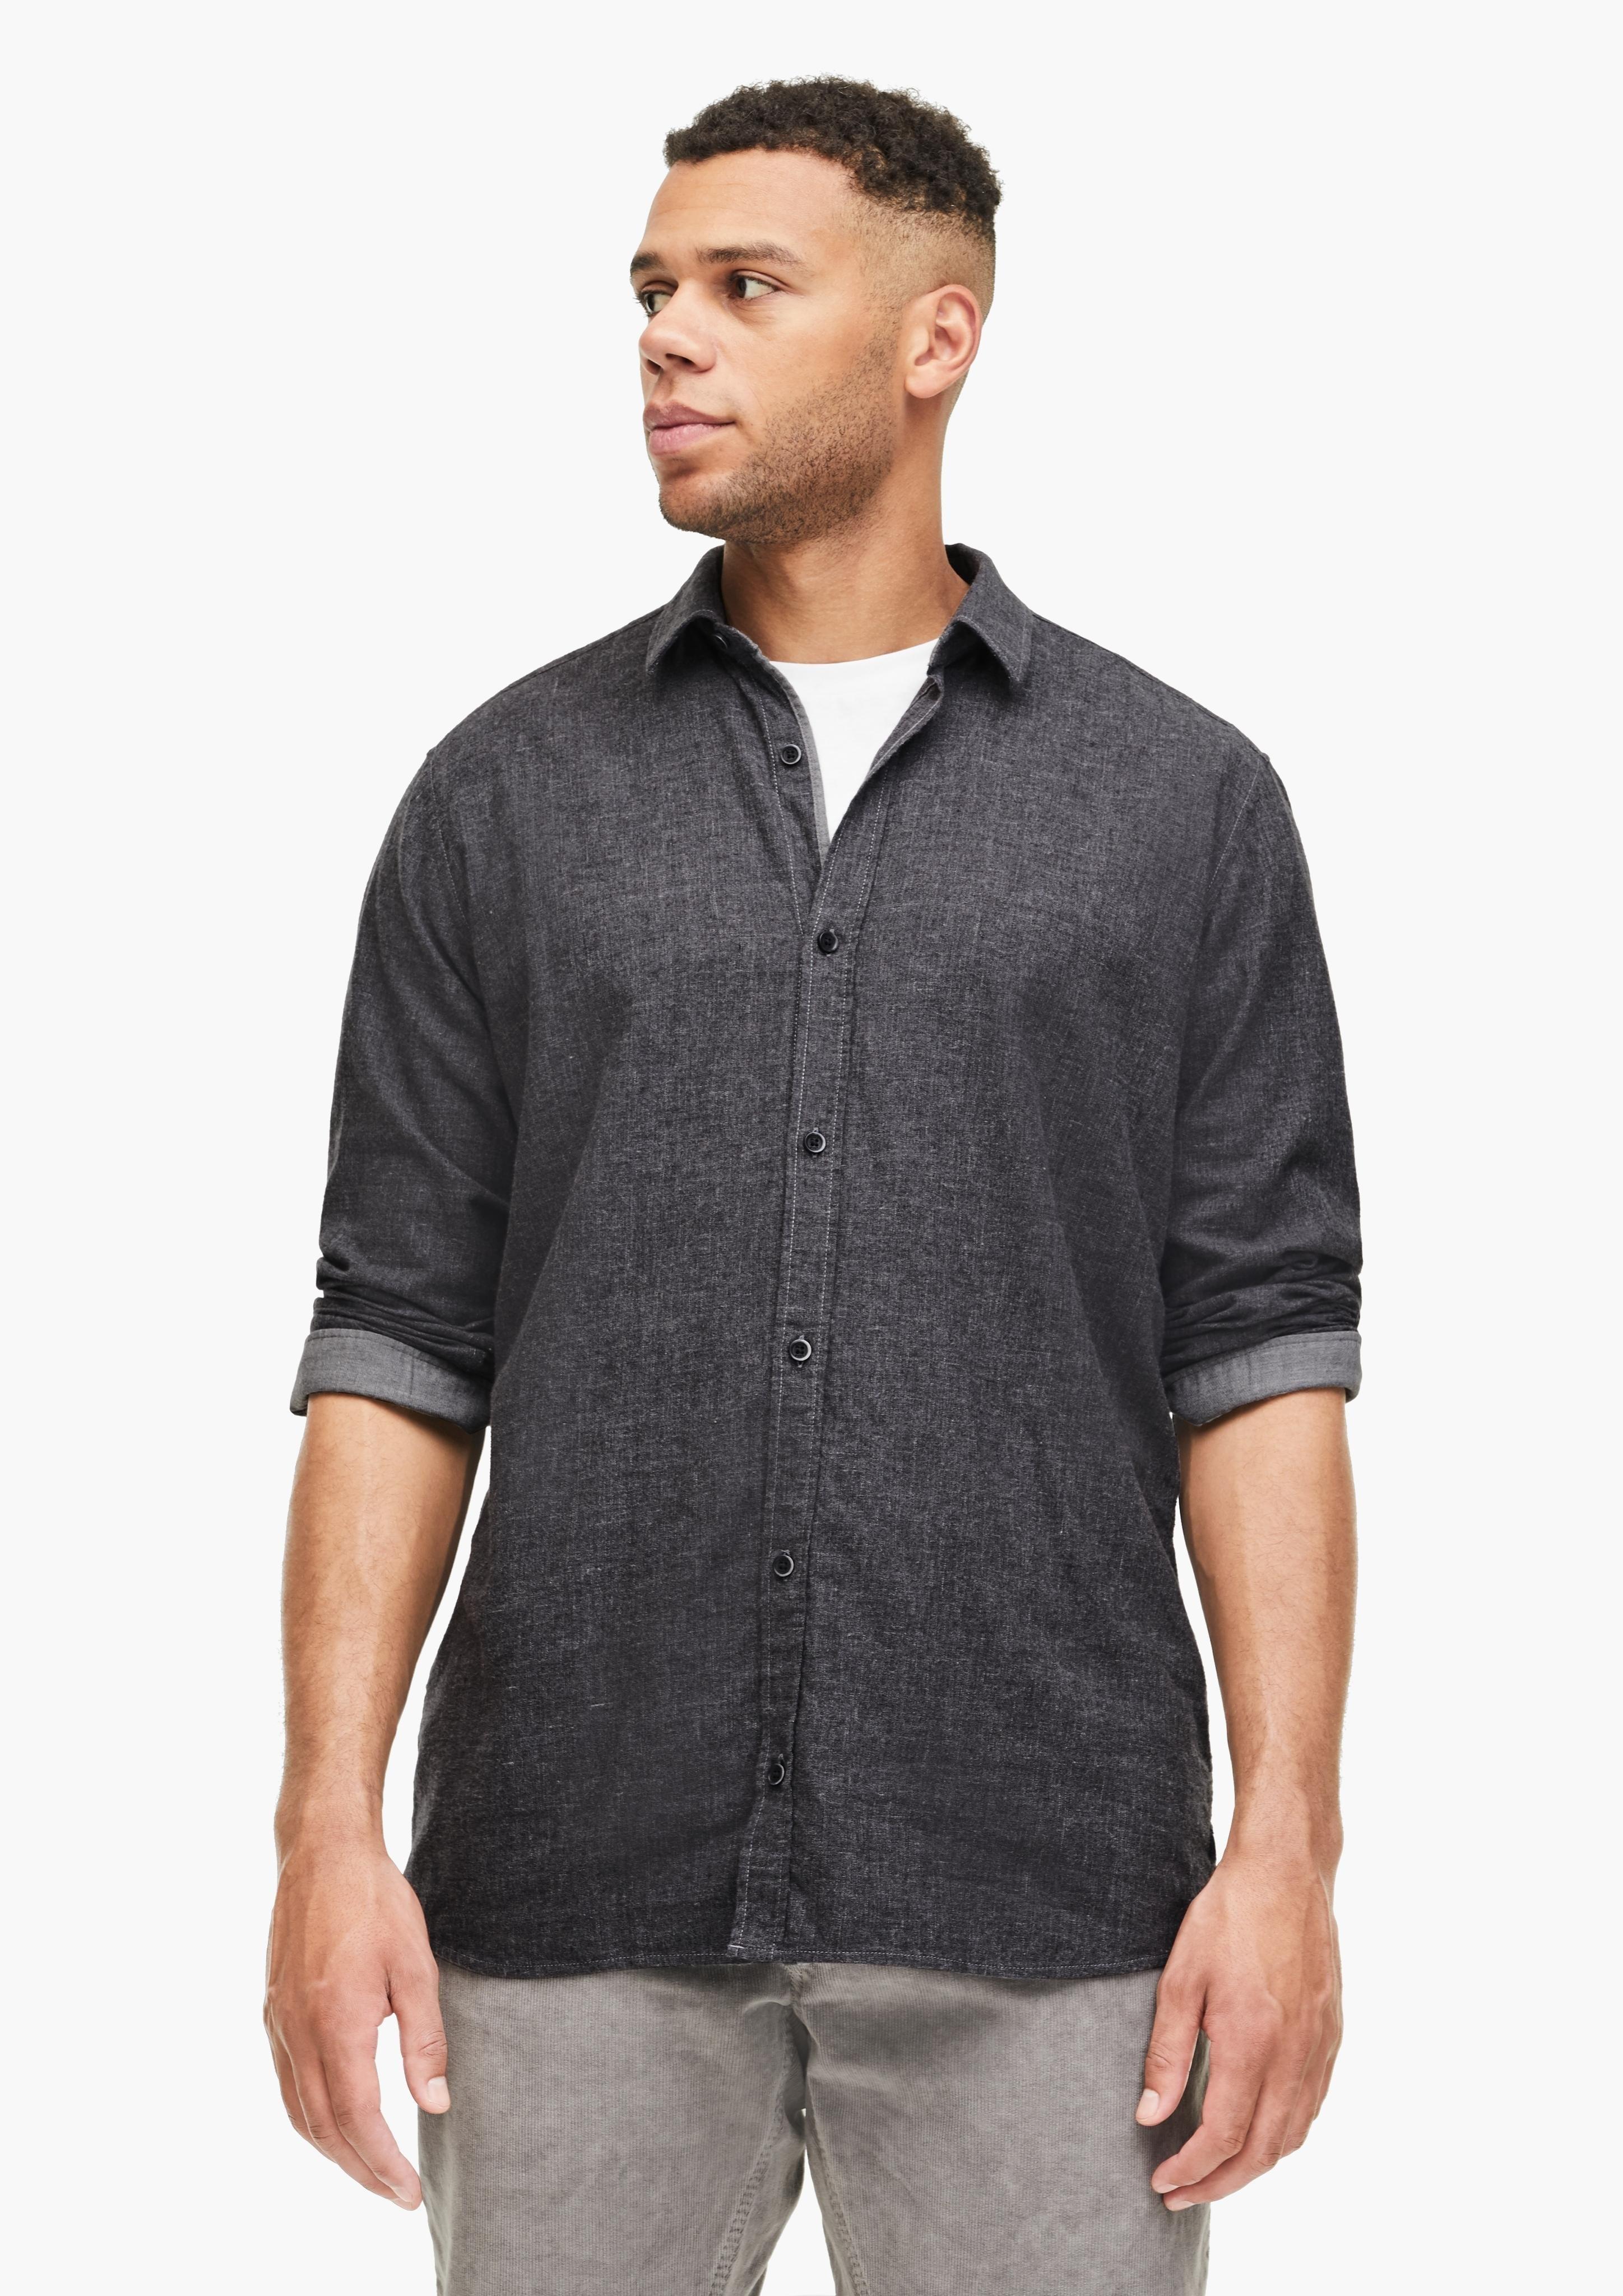 s.Oliver overhemd met lange mouwen voordelig en veilig online kopen